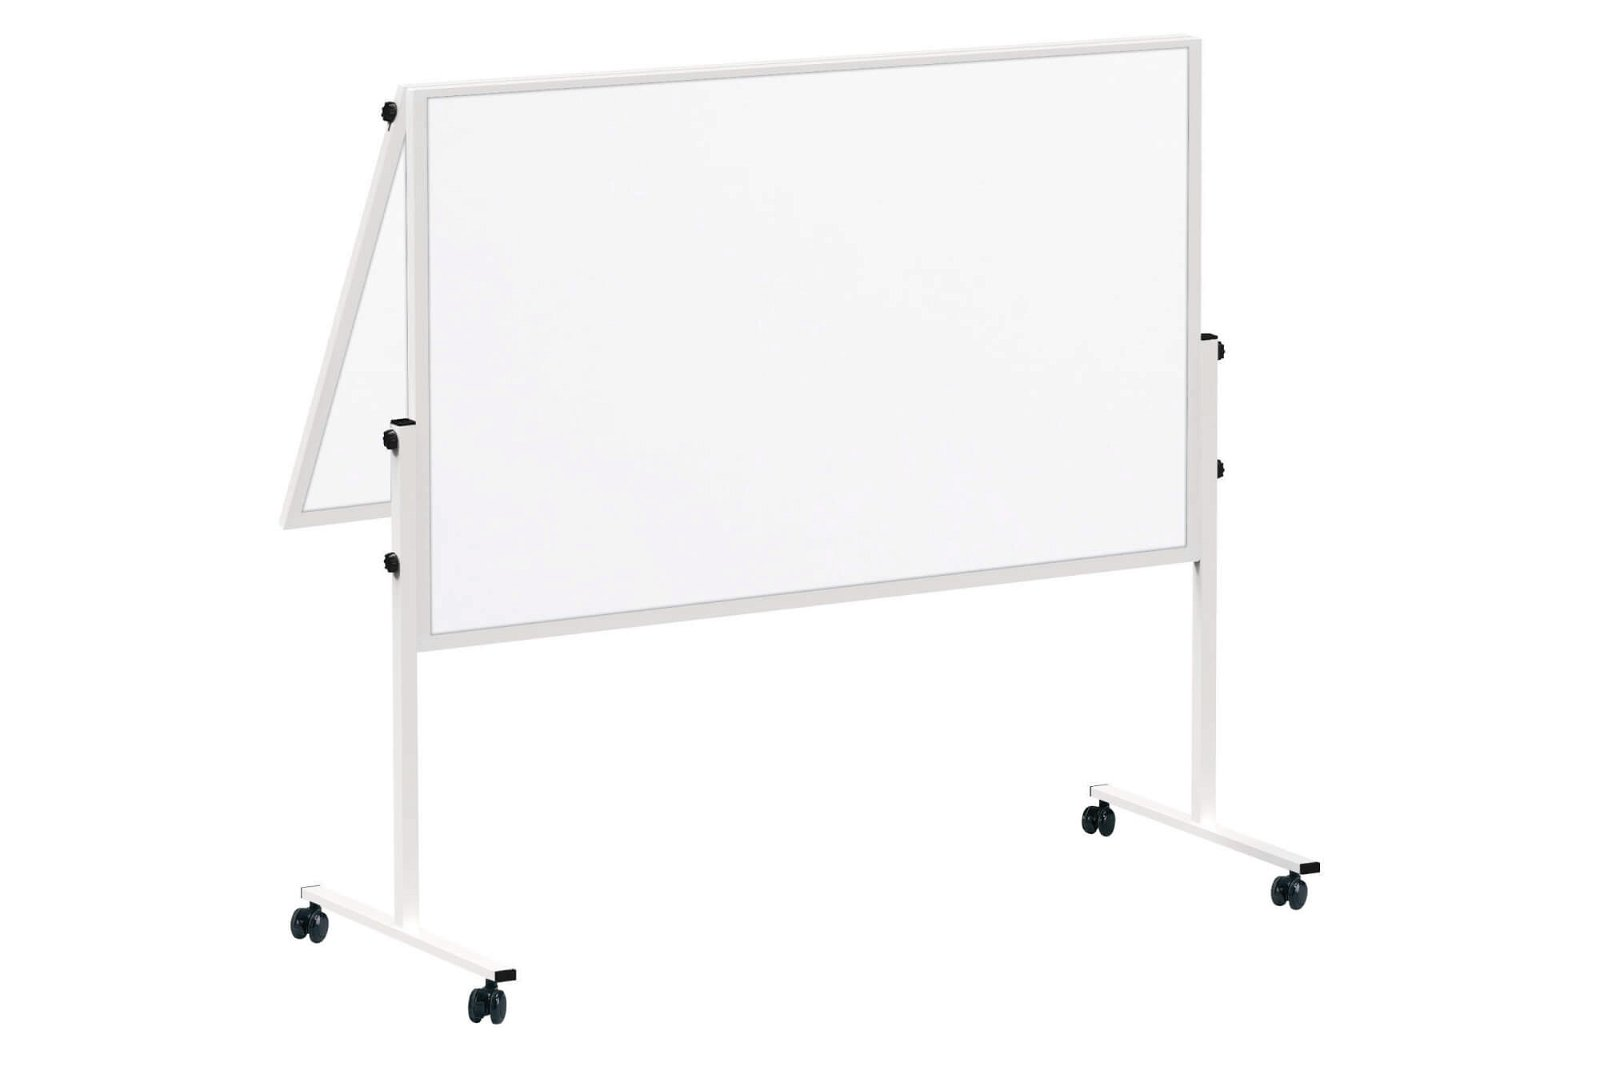 Moderationstafel MAULsolid klappb. Papier, 150x120cm, grau